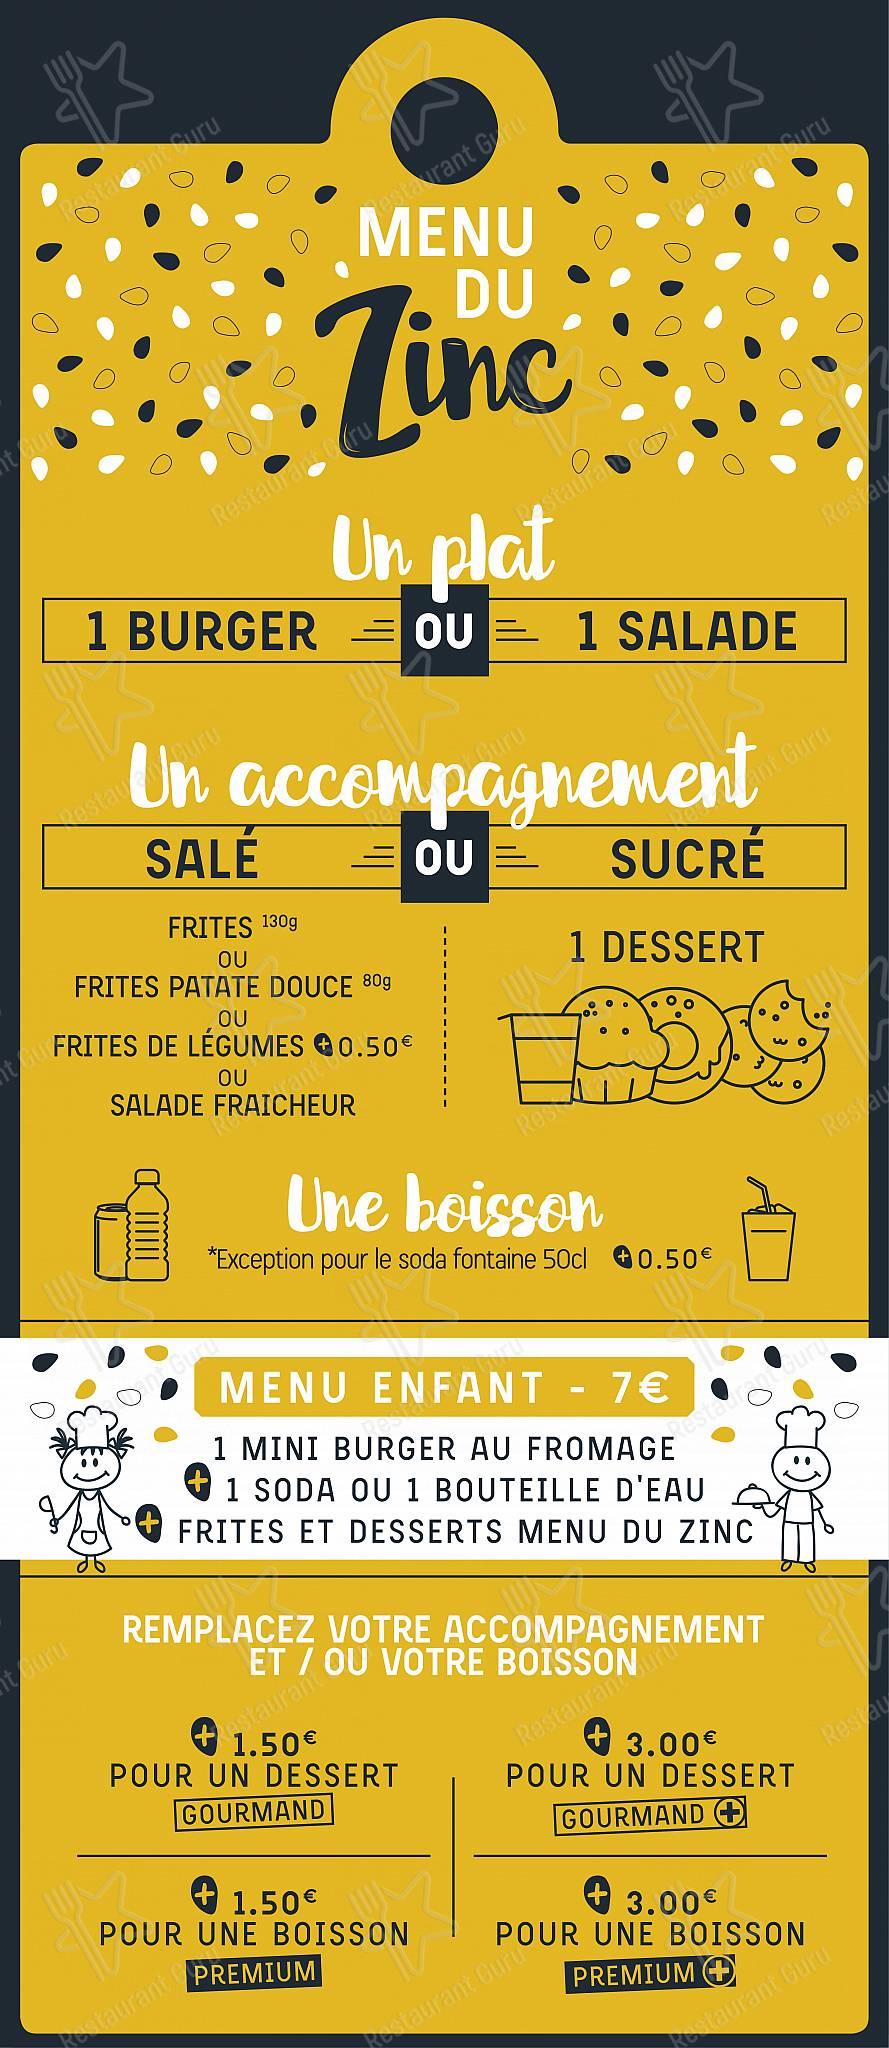 Notre menu pour Le Zinc à Burger dans Lyon